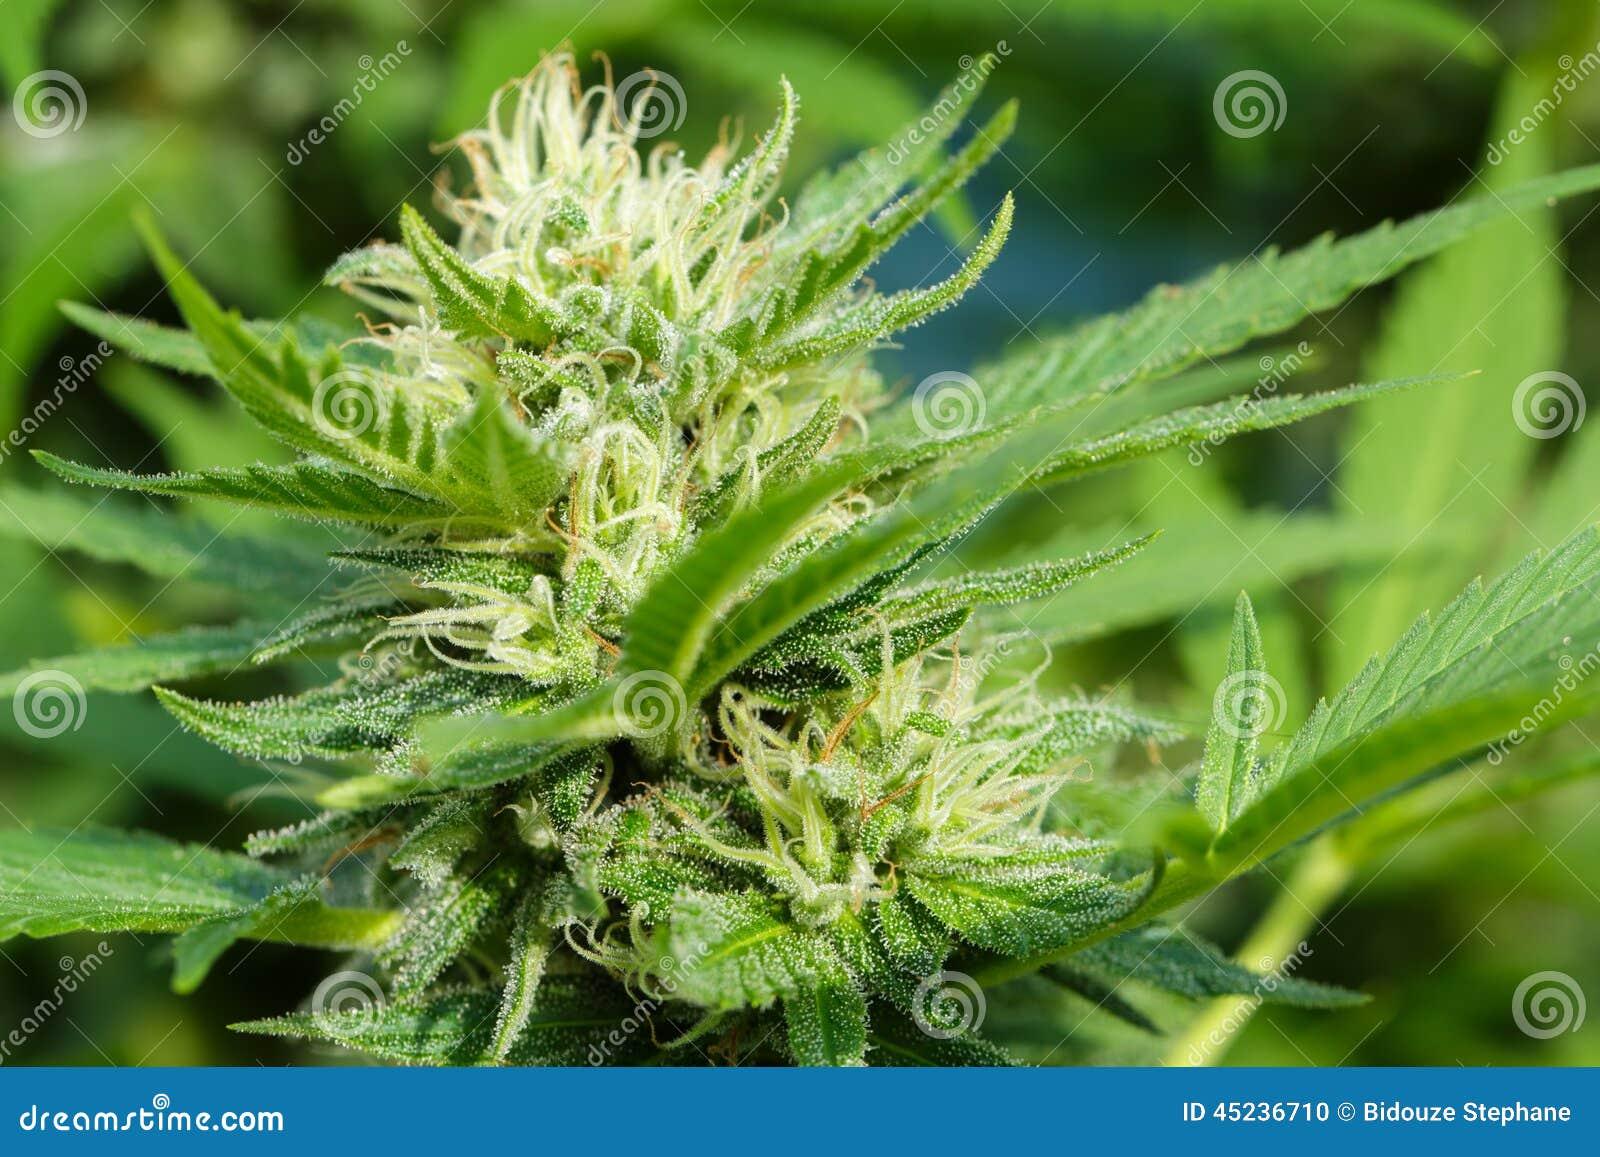 Résine de cannabis sur le flowerhead